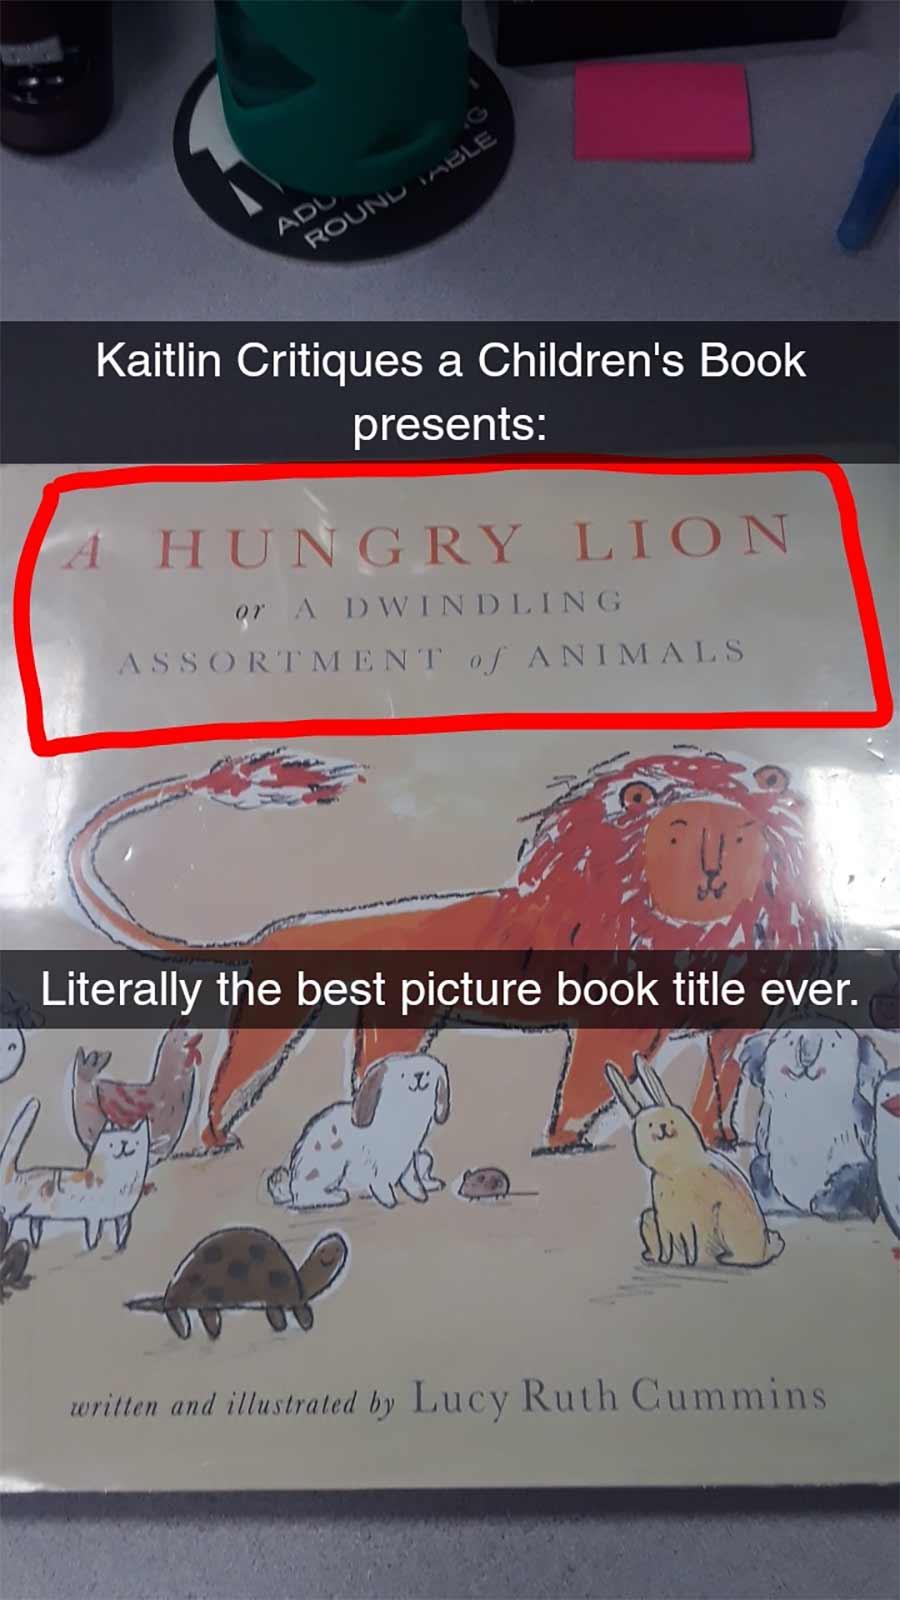 Erwachsene rezensiert Kinderbuch auf erfrischende Art A-Hungry-Lion-or-A-Dwindling-Assortment-of-Animals_01